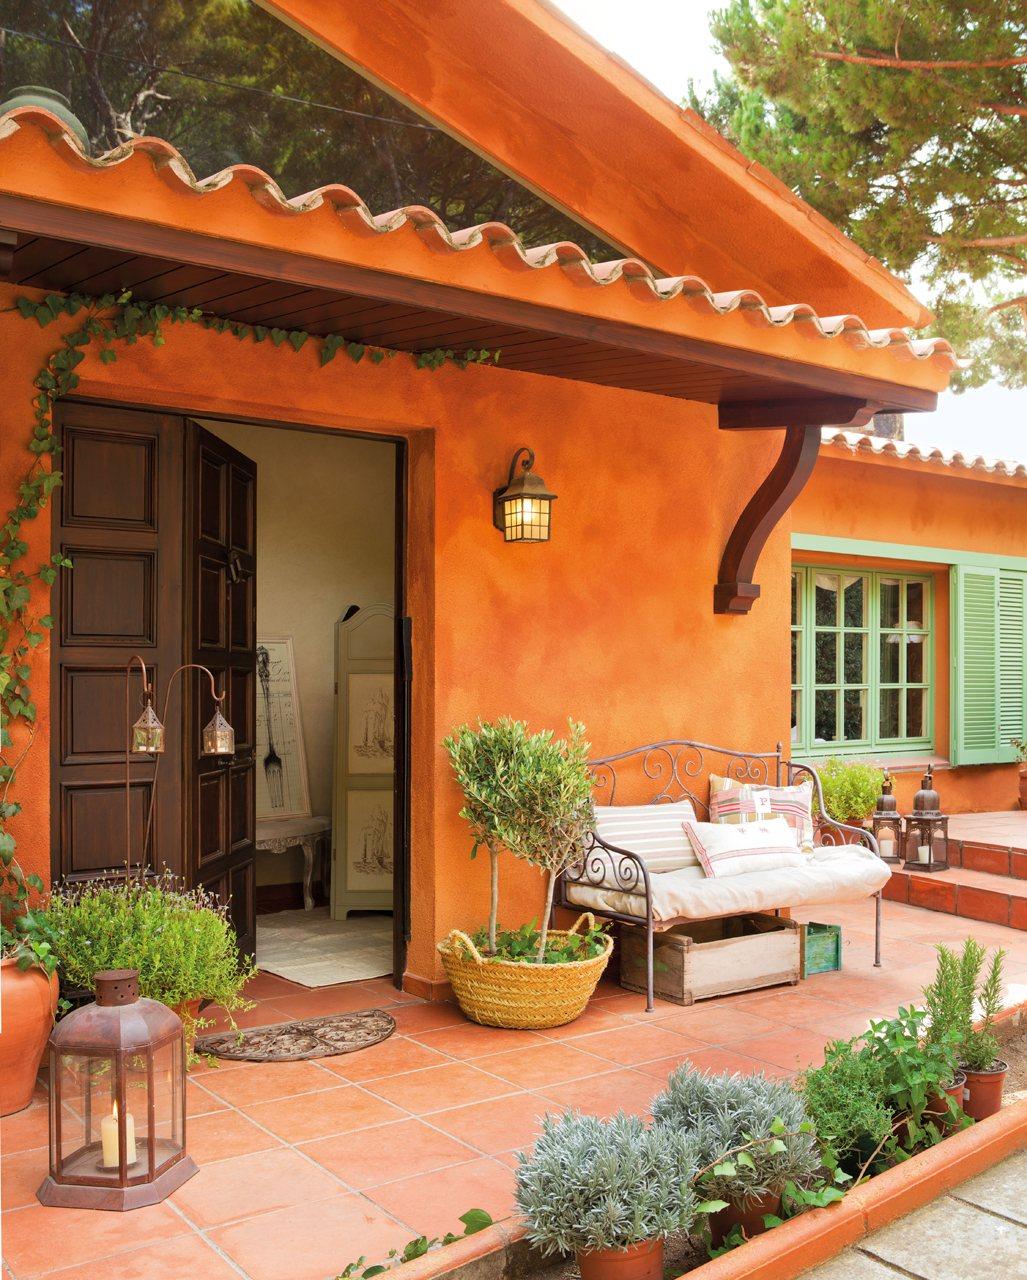 Rase una vez como en la provenza francesa - Casas color verde ...